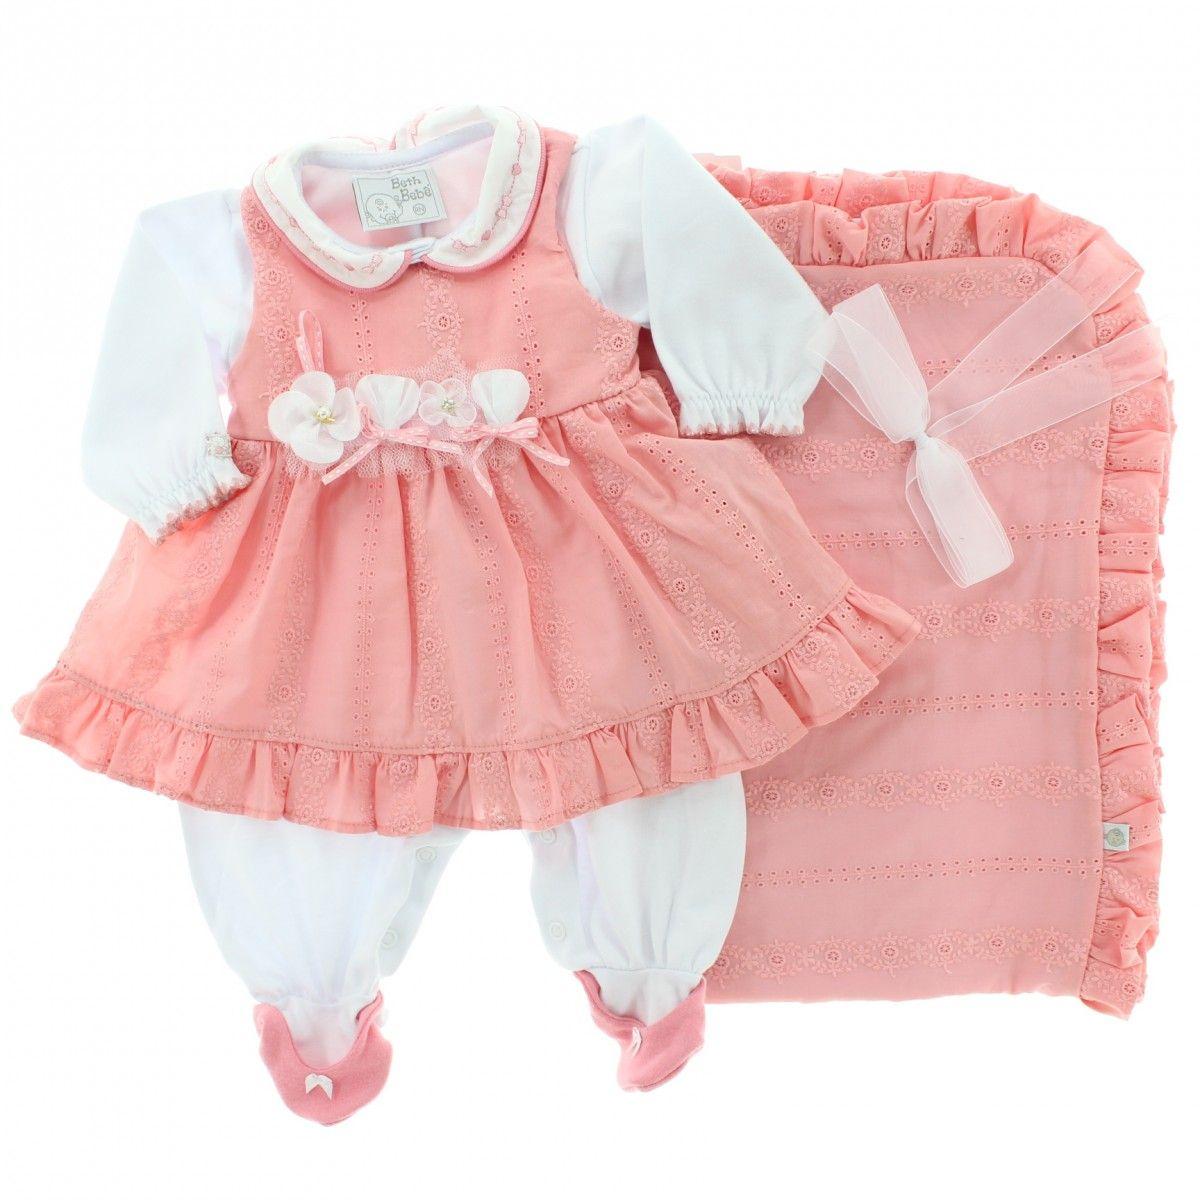 440d25be01 saida maternidade menina inverno 2 Roupas De Bebezinhas